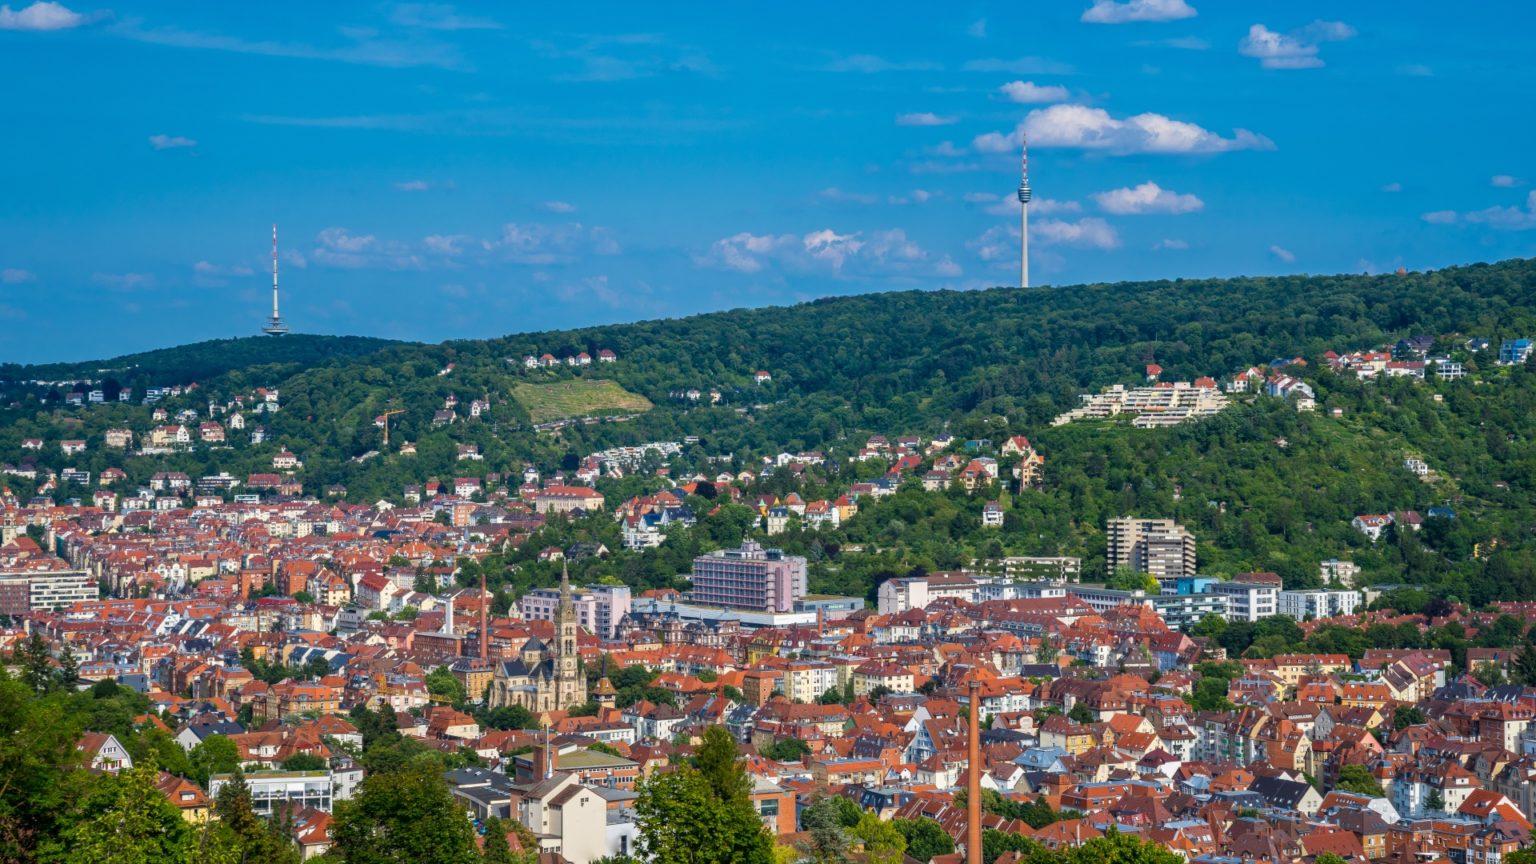 Deutschland, Stadtbild der Stuttgarter Stadtsilhouette von oben im Tal und Fernsehturm auf bewaldetem Berg